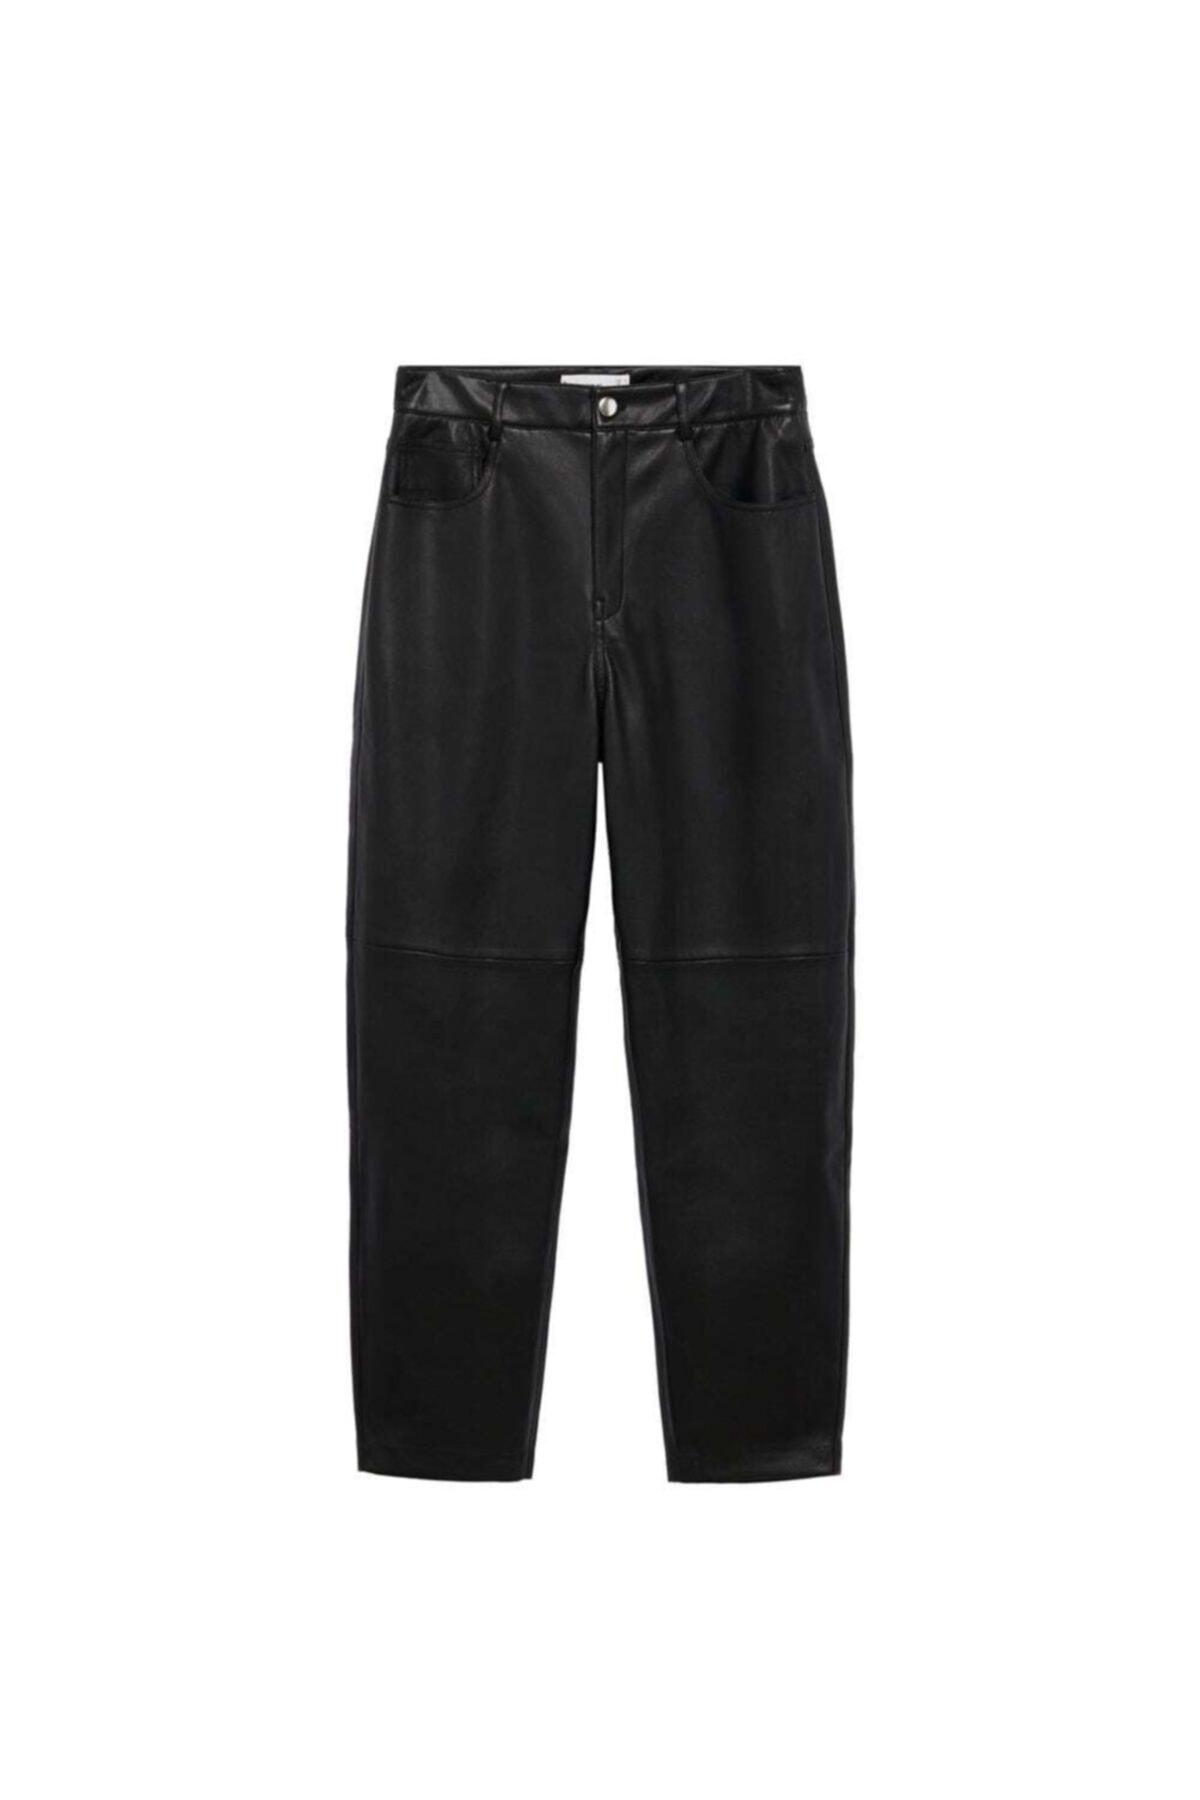 MANGO Woman Kadın Siyah Pantolon 2